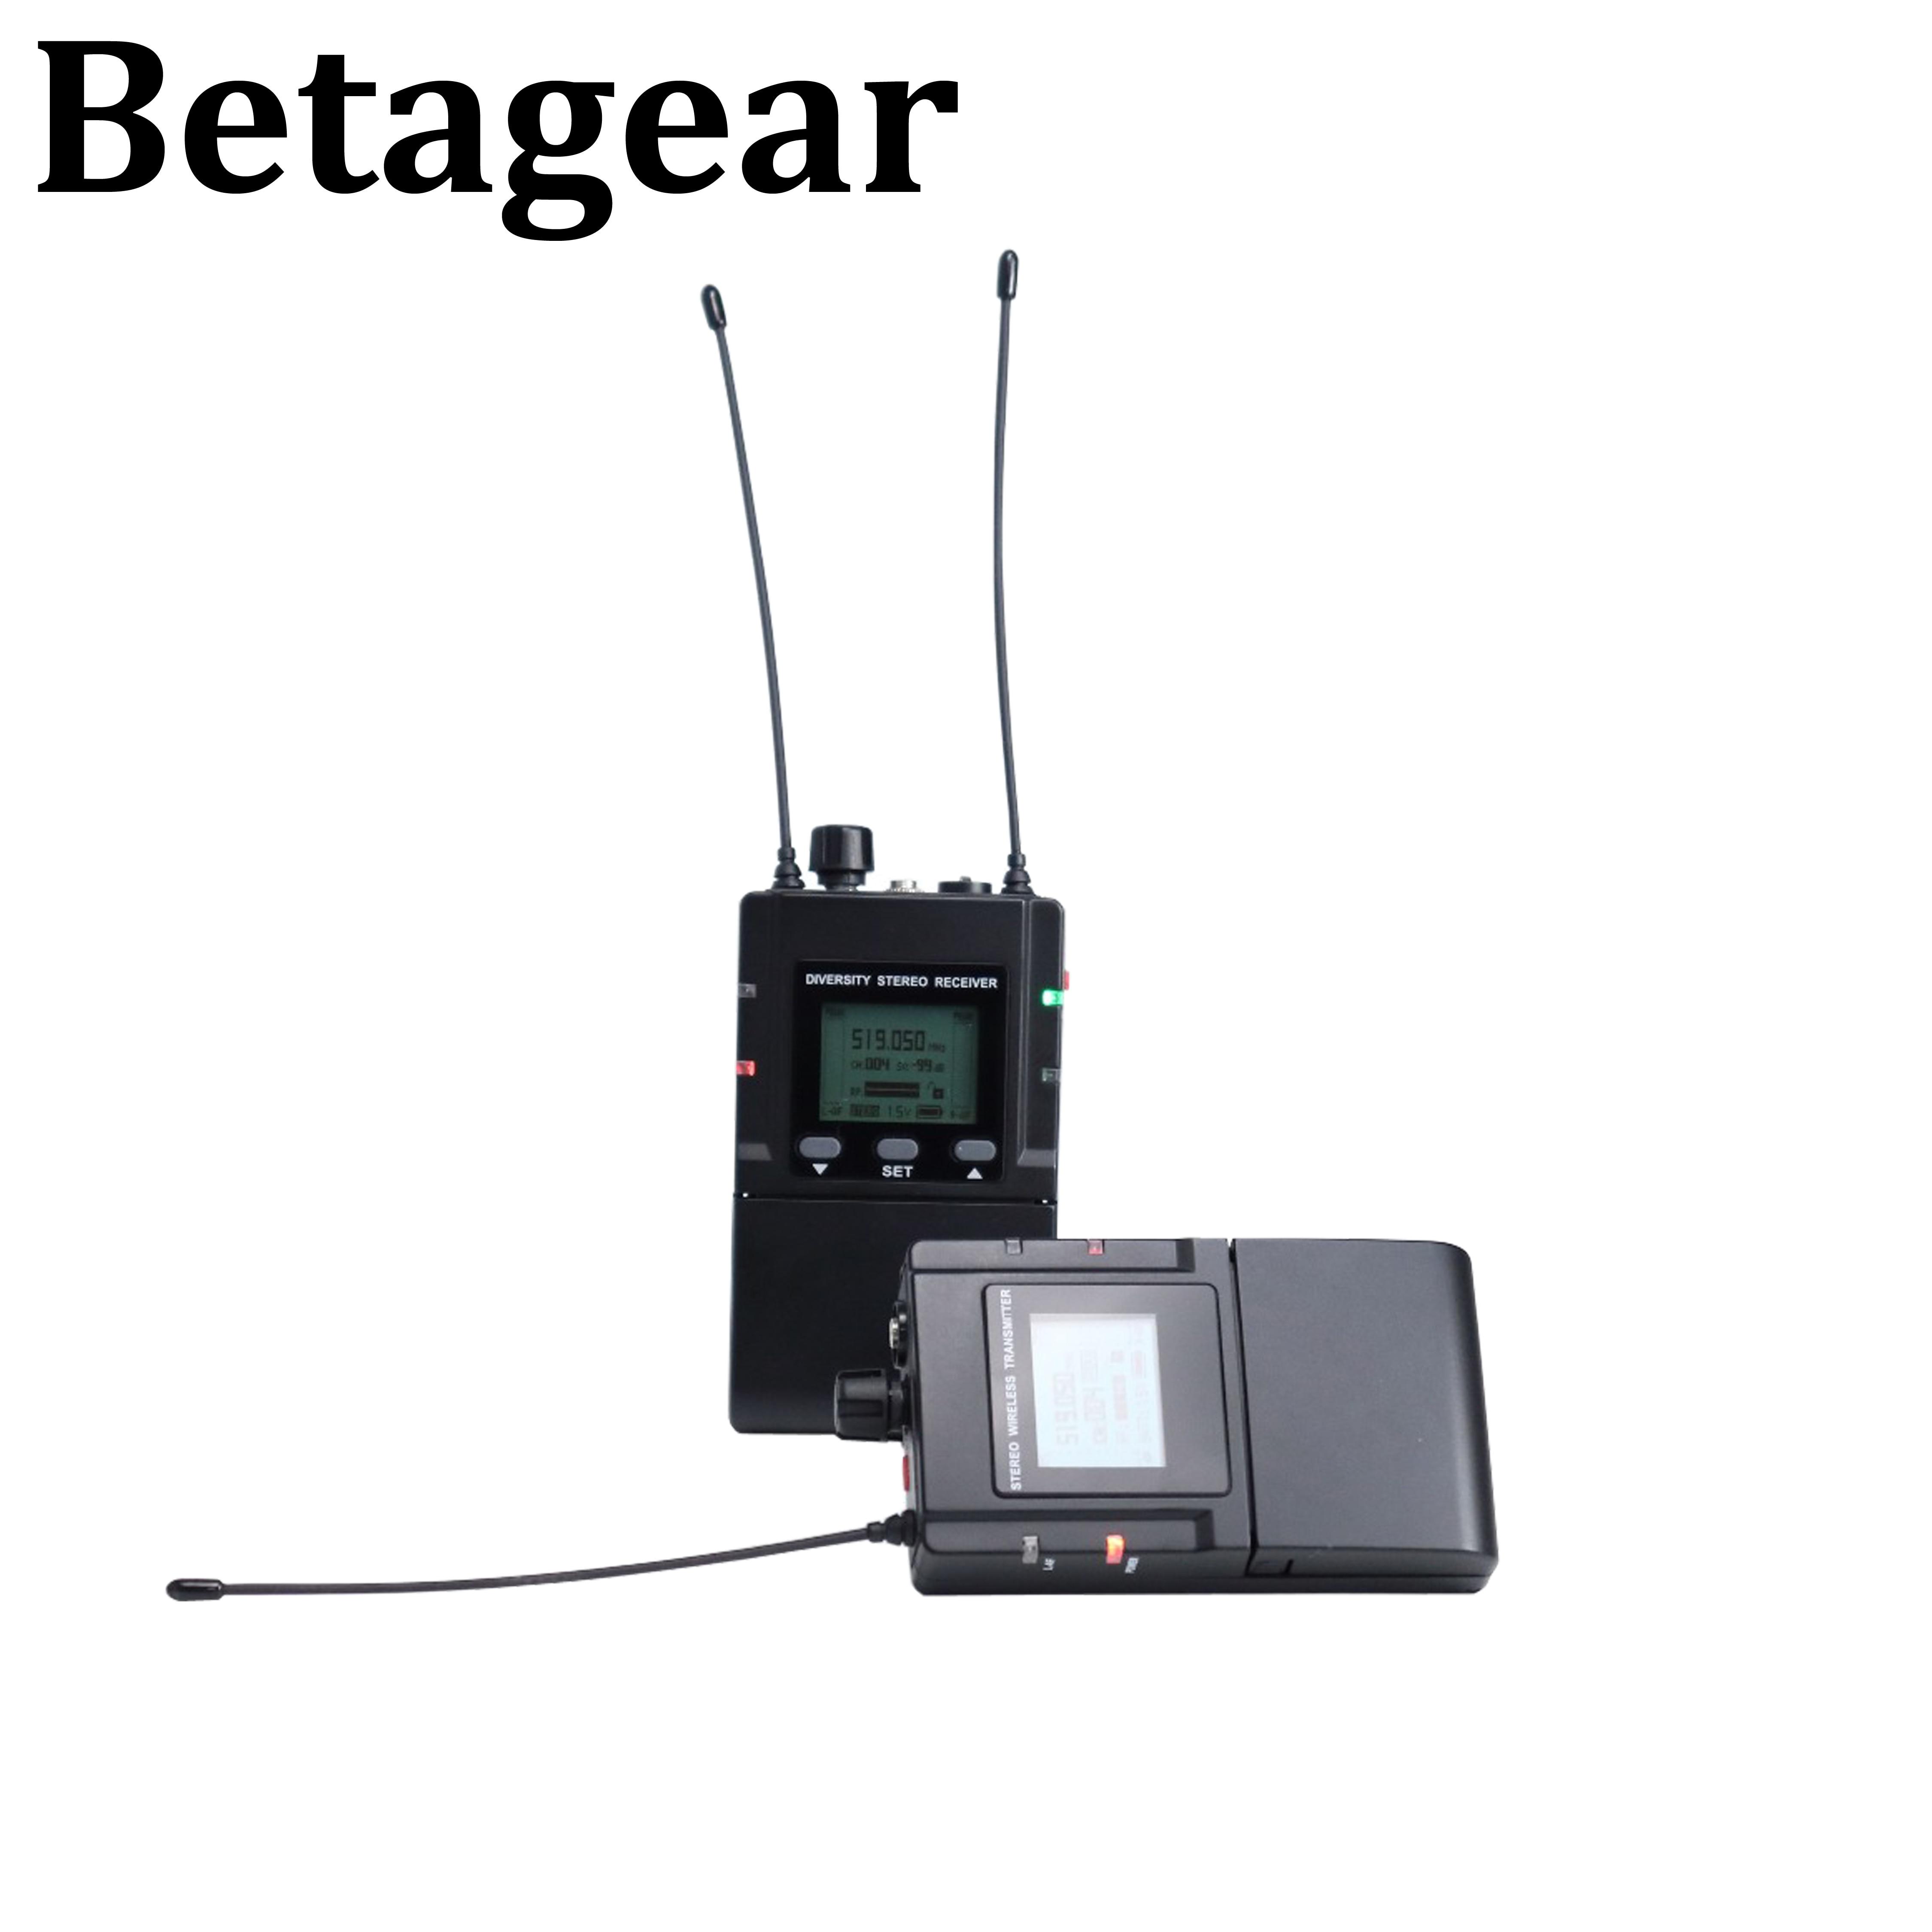 Beatgea w ucho monitor systemu s7028IEM stereo ciała iem profesjonalne uhf iem system audio bezprzewodowy system monitorowania